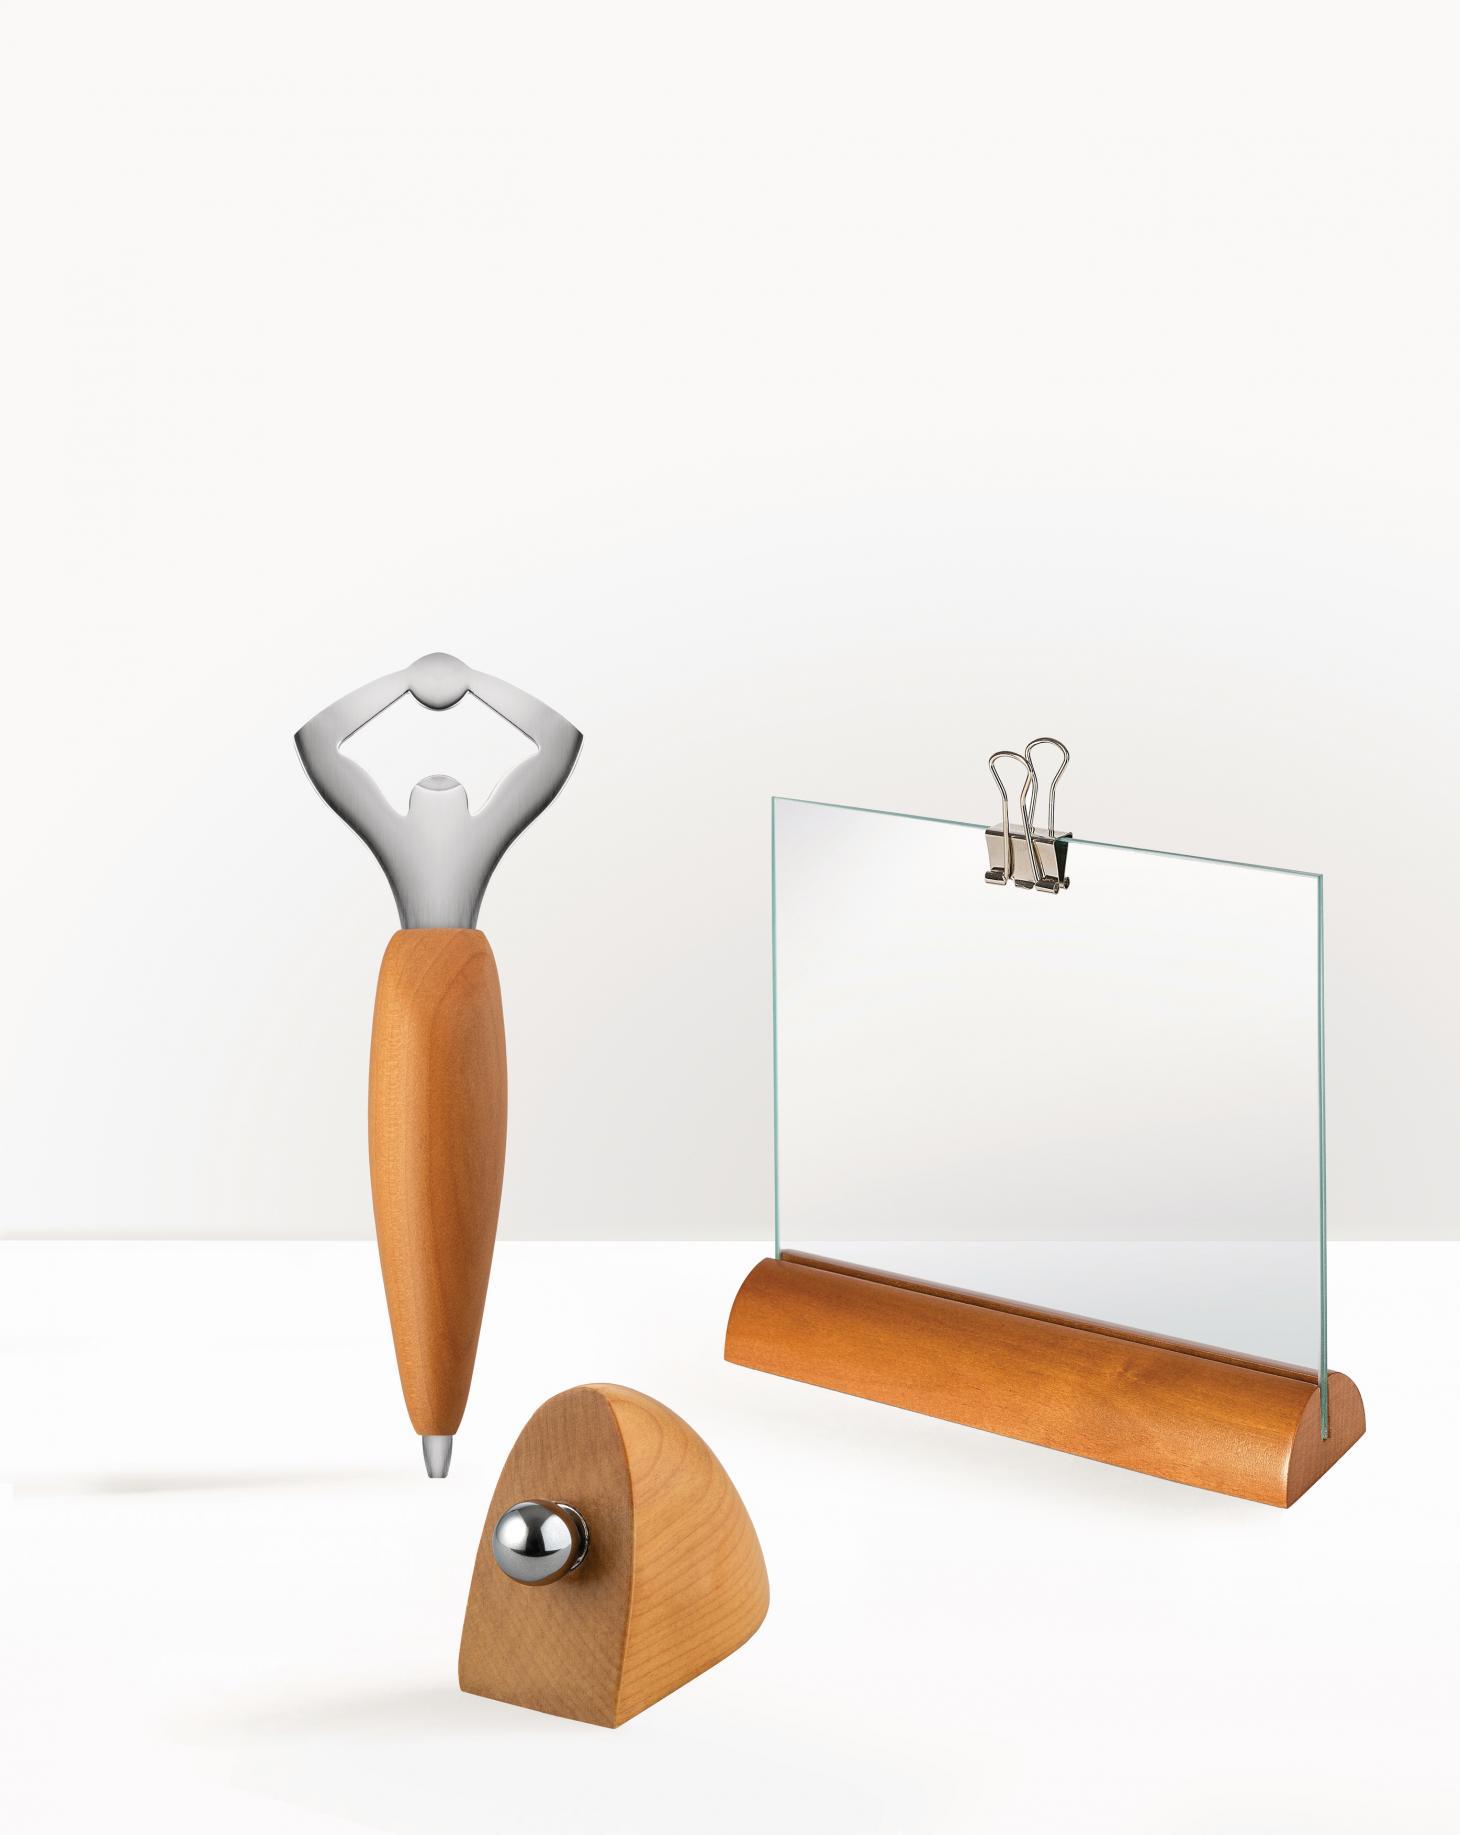 除了Sottsass的復刻設計外,本月亦推出由Bortolani Becchelli Associati,Kuno Prey 及Andrea Branzi設計的木相架和開瓶器。